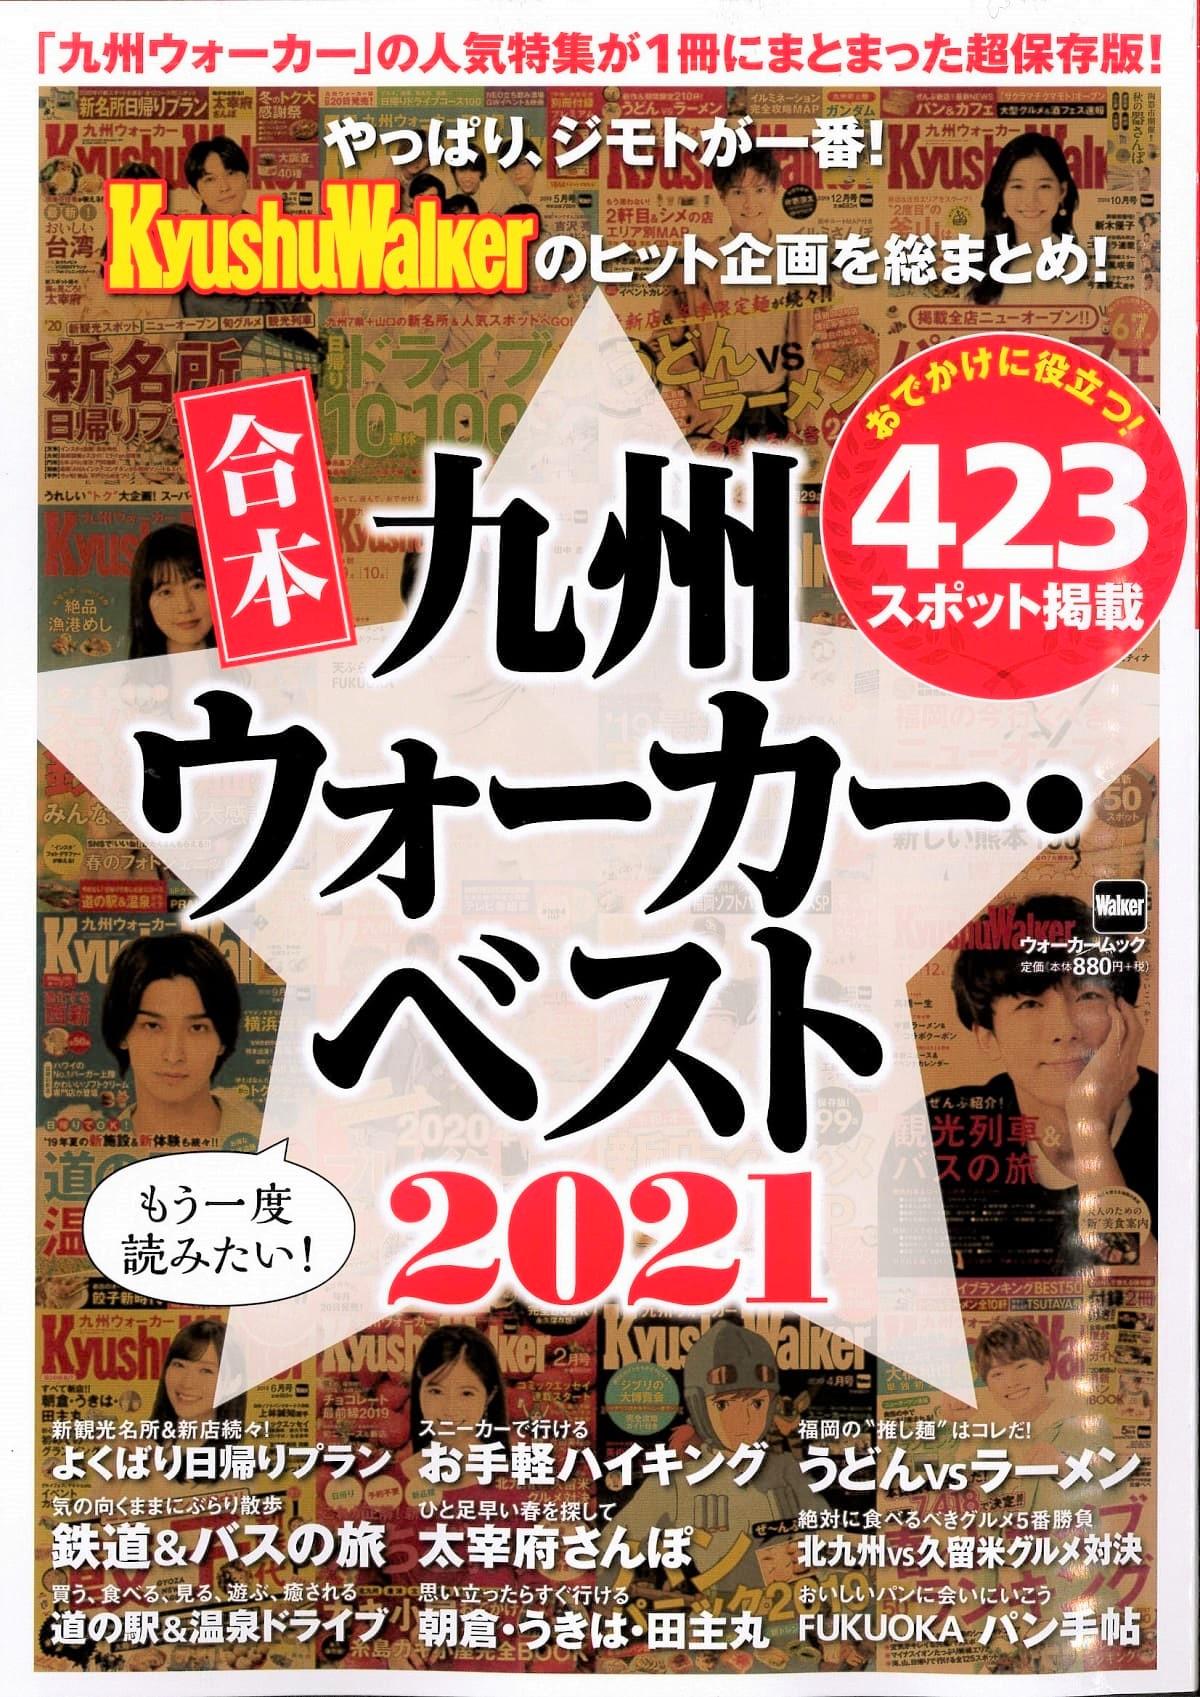 『九州ウォーカーベスト2021』にフラットホームが掲載されました‼